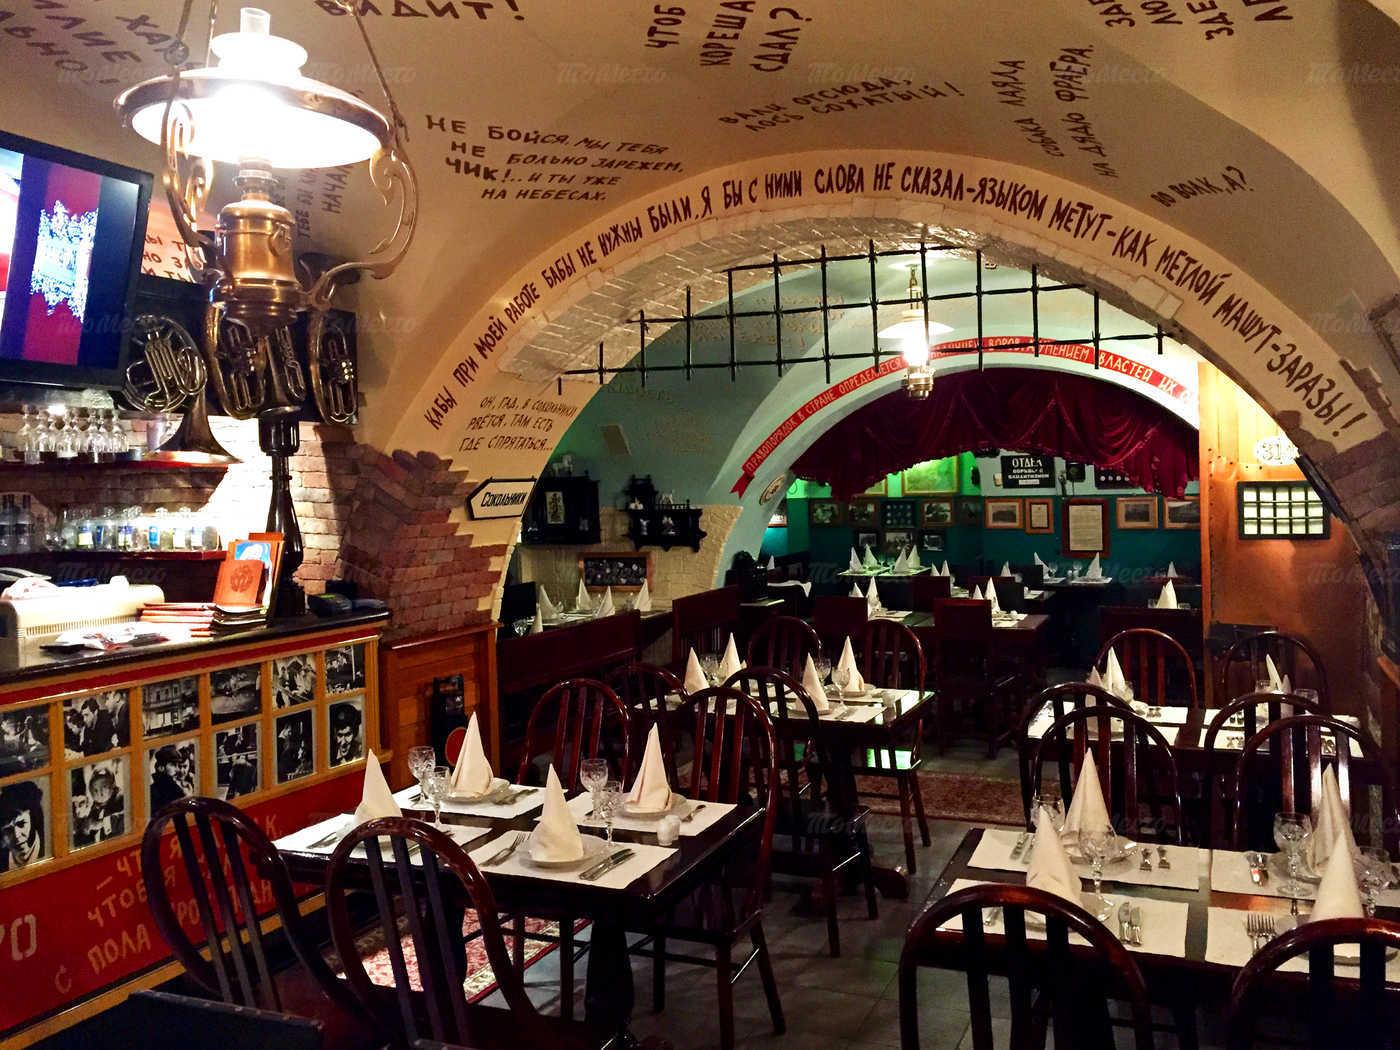 Ресторан Чёрная кошка на Воронцовской улице